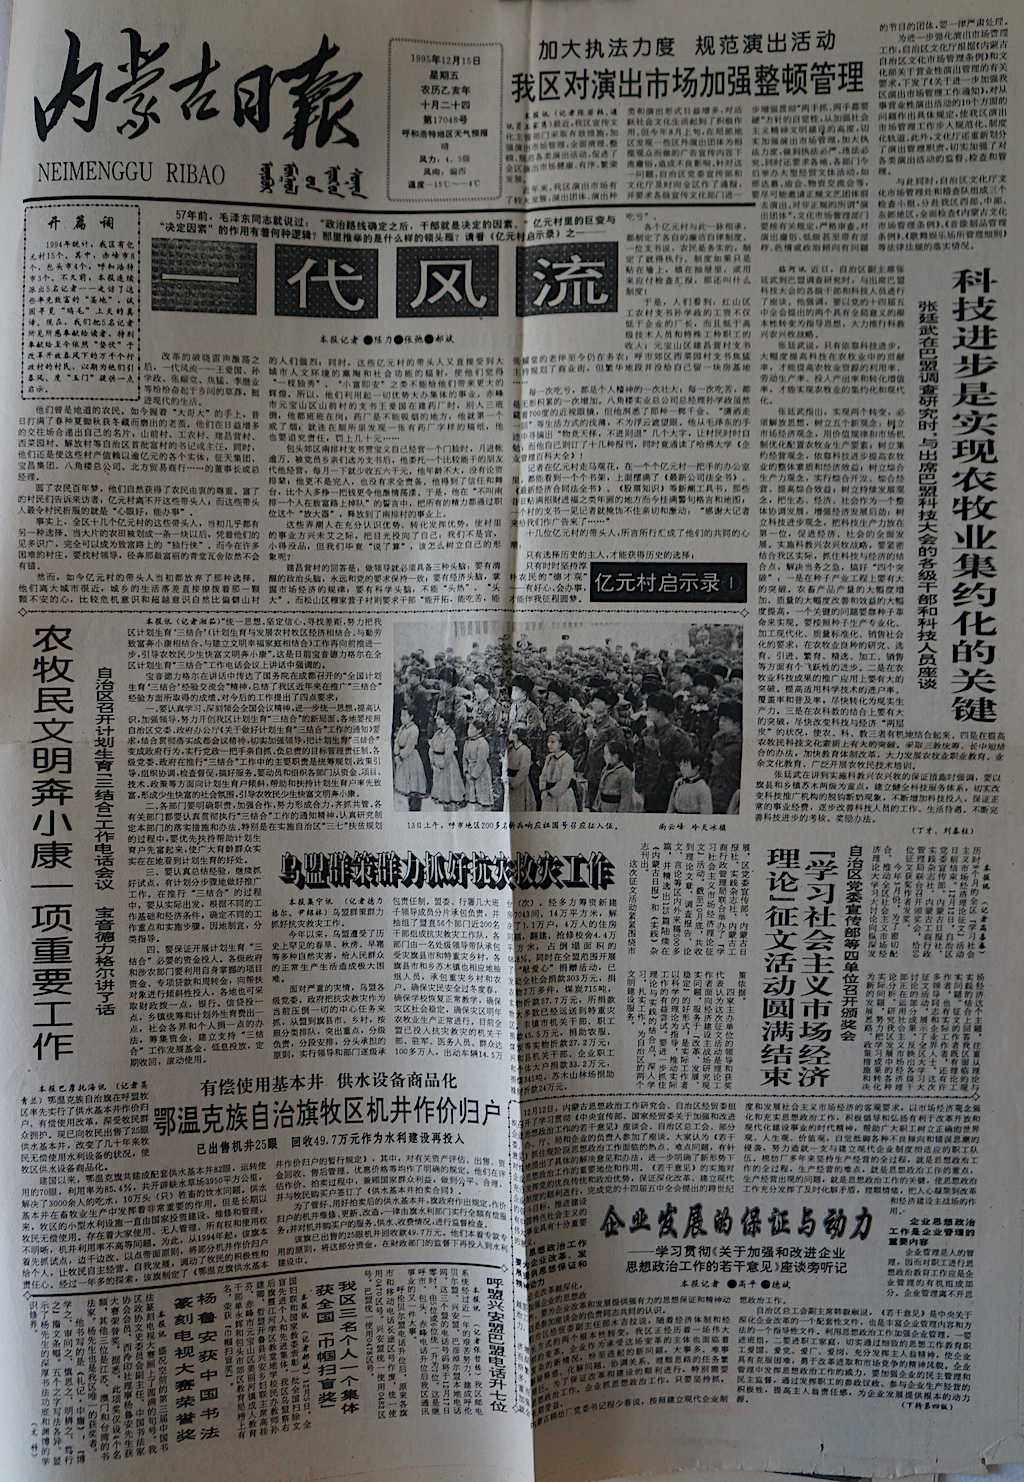 内蒙古日报19951215-01